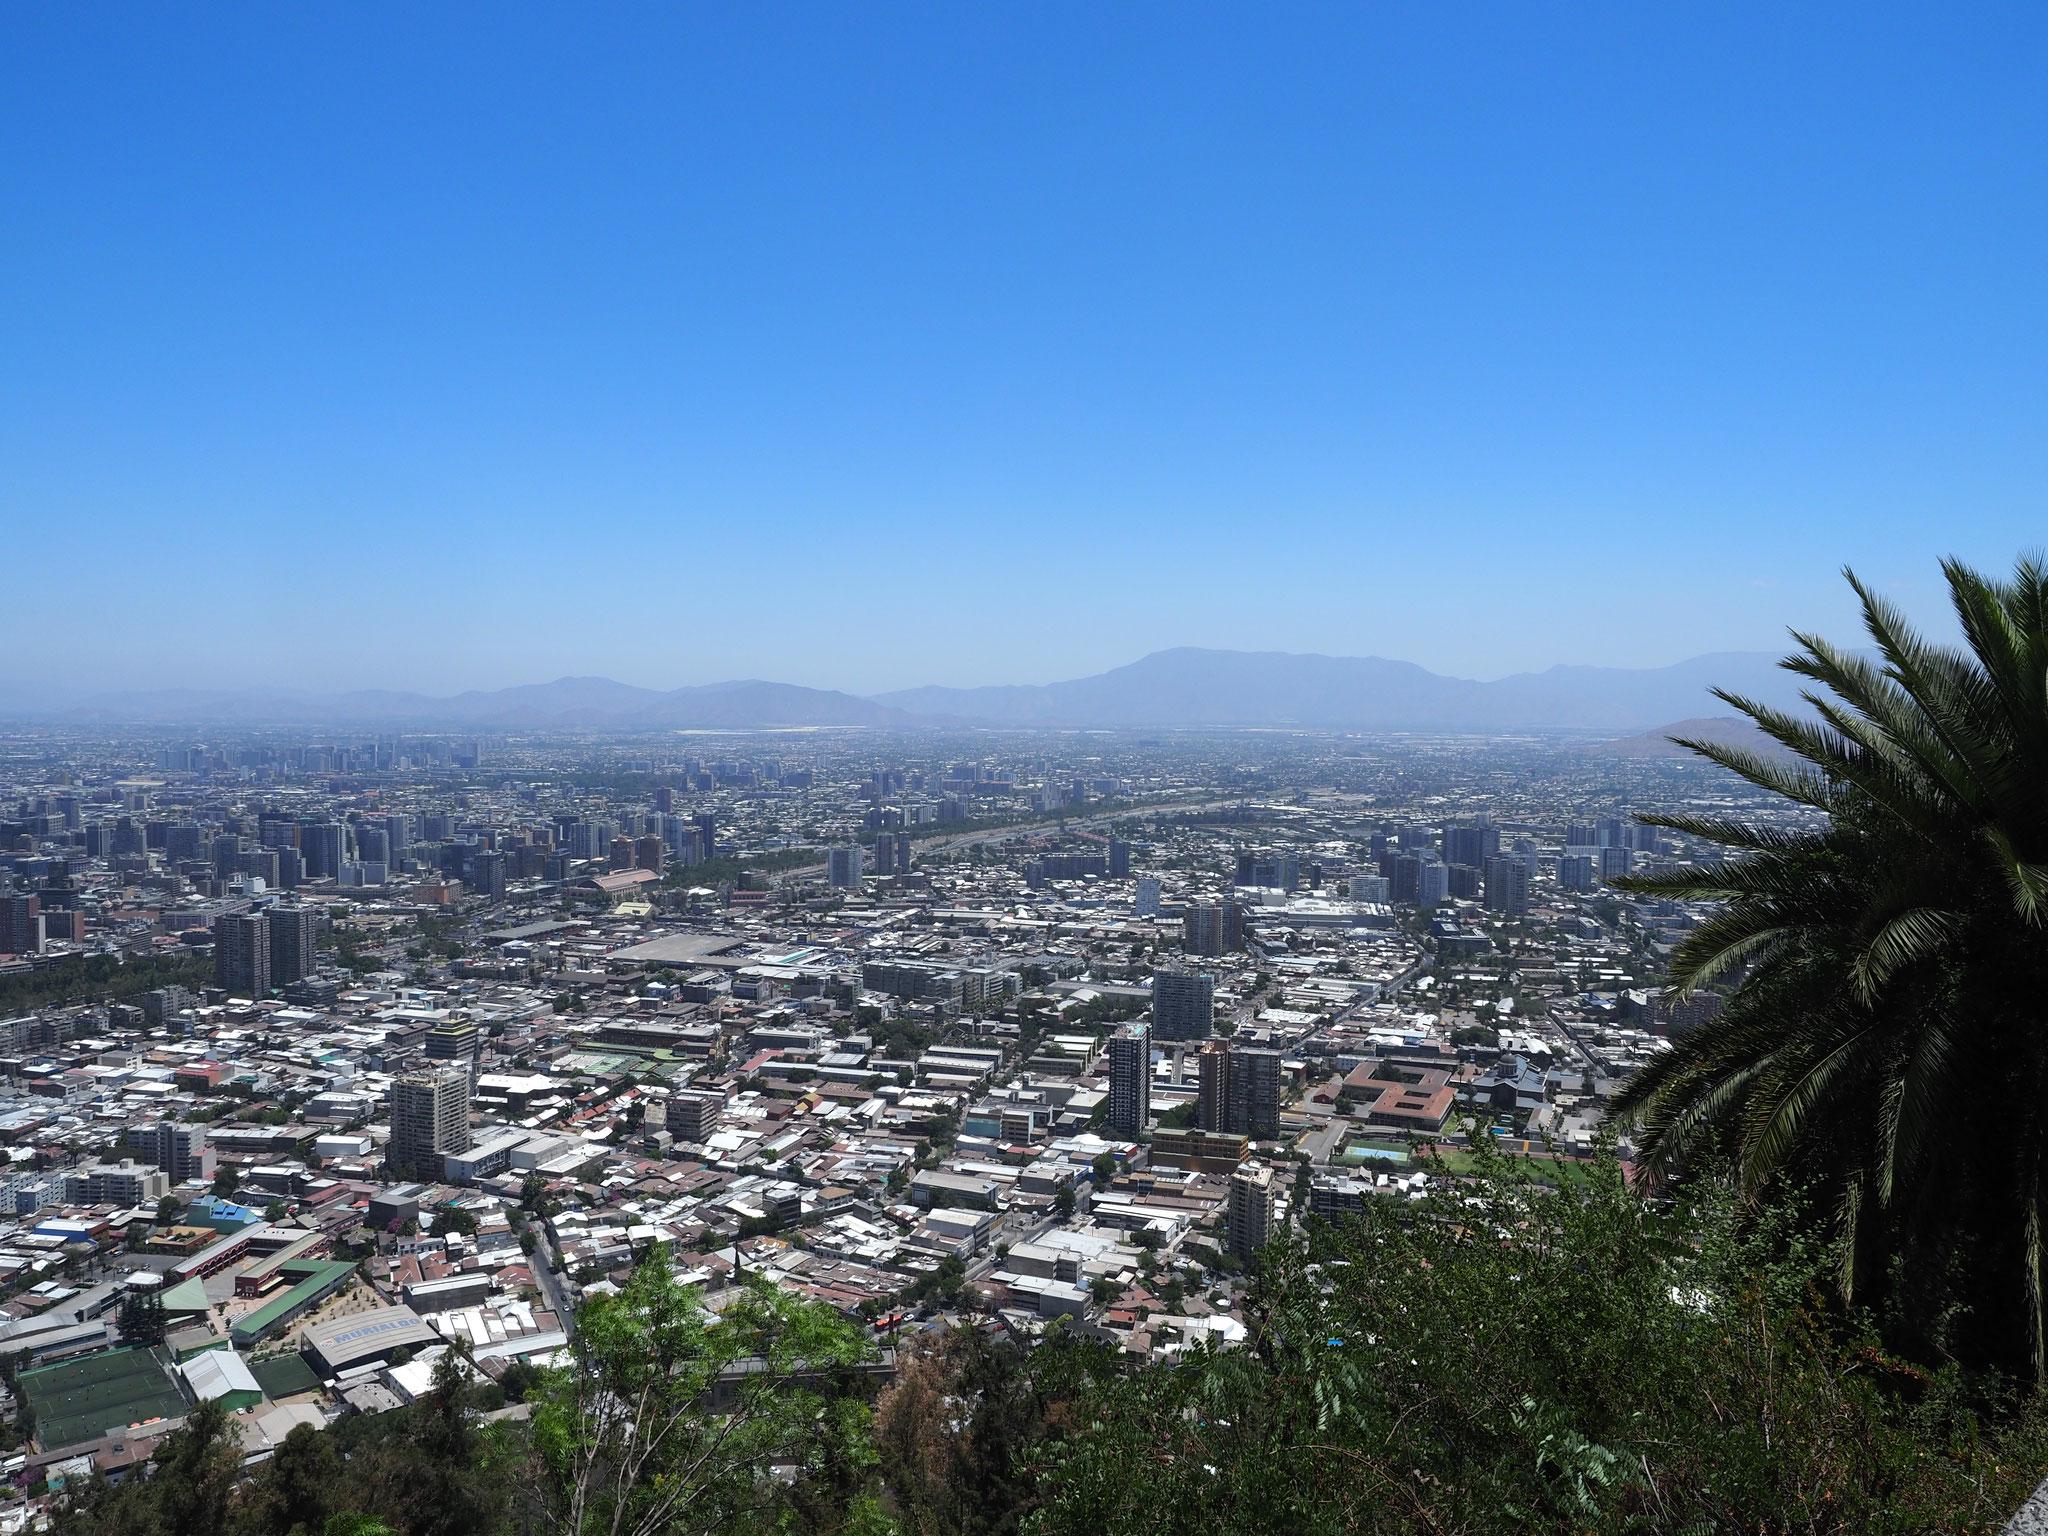 Blick vom Cerro San Cristobal auf die Stadt